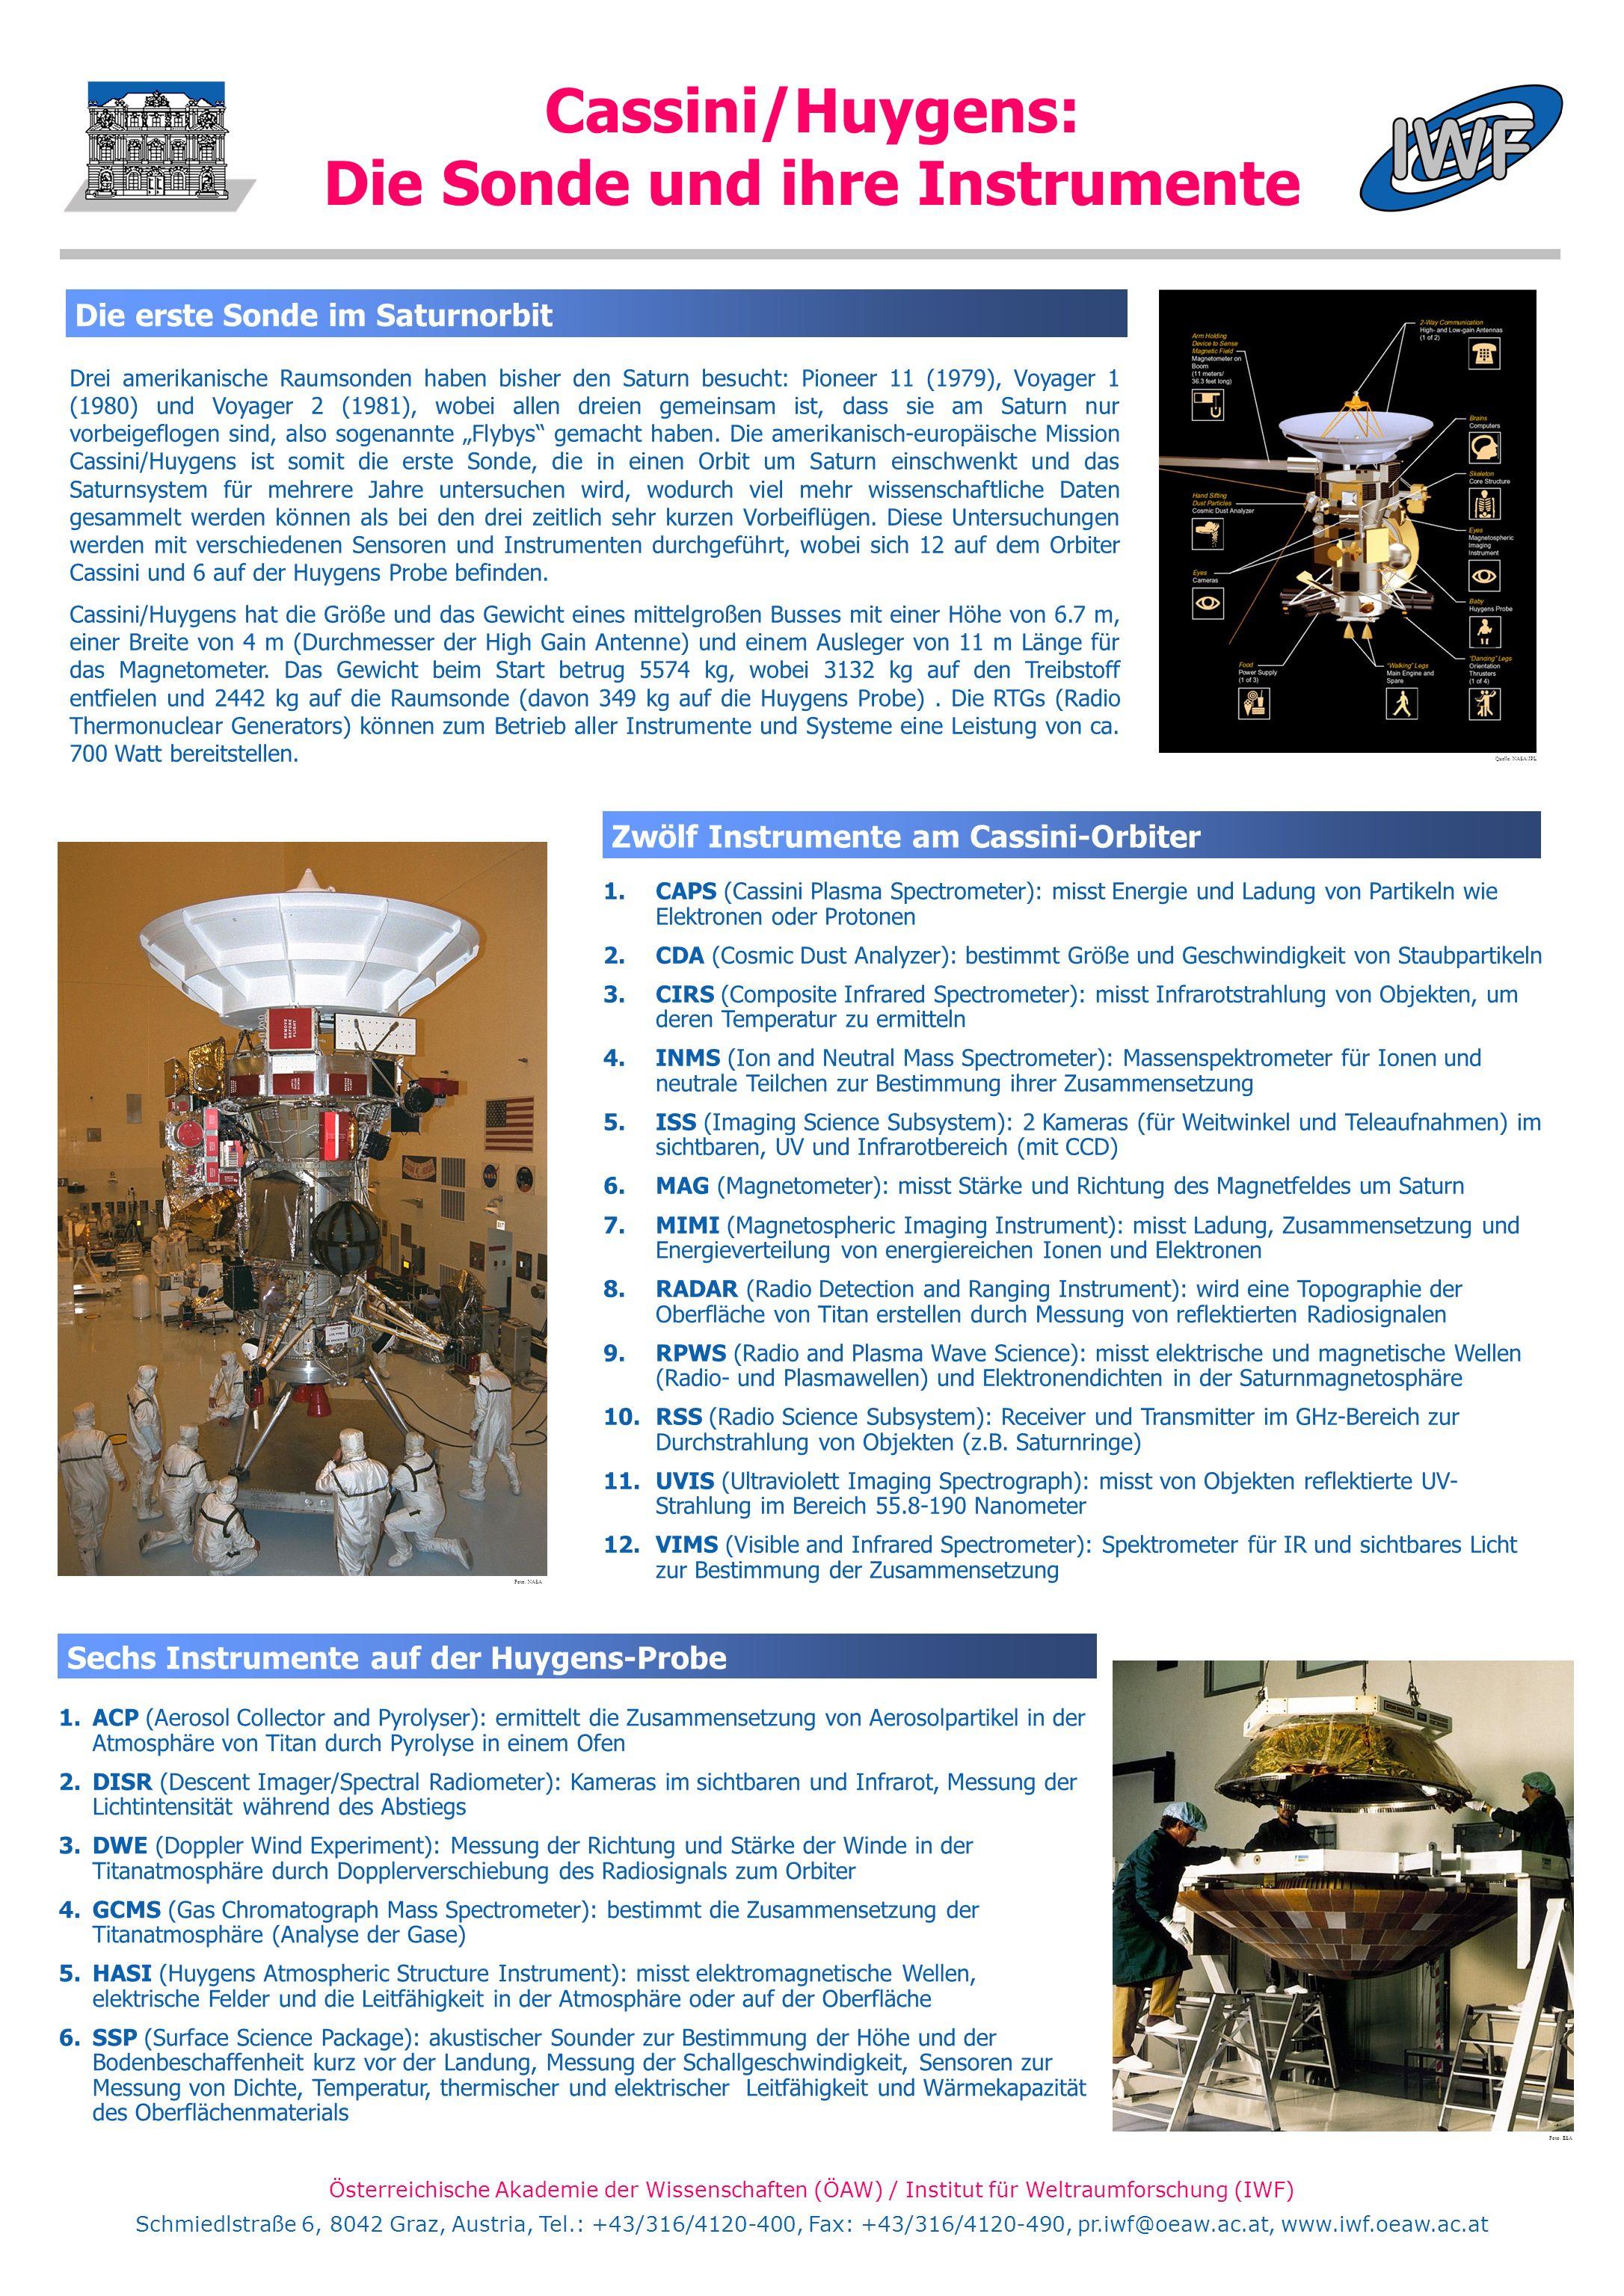 Österreichische Akademie der Wissenschaften (ÖAW) / Institut für Weltraumforschung (IWF) Schmiedlstraße 6, 8042 Graz, Austria, Tel.: +43/316/4120-400, Fax: +43/316/4120-490, pr.iwf@oeaw.ac.at, www.iwf.oeaw.ac.at Cassini/Huygens: Die Sonde und ihre Instrumente Drei amerikanische Raumsonden haben bisher den Saturn besucht: Pioneer 11 (1979), Voyager 1 (1980) und Voyager 2 (1981), wobei allen dreien gemeinsam ist, dass sie am Saturn nur vorbeigeflogen sind, also sogenannte Flybys gemacht haben.